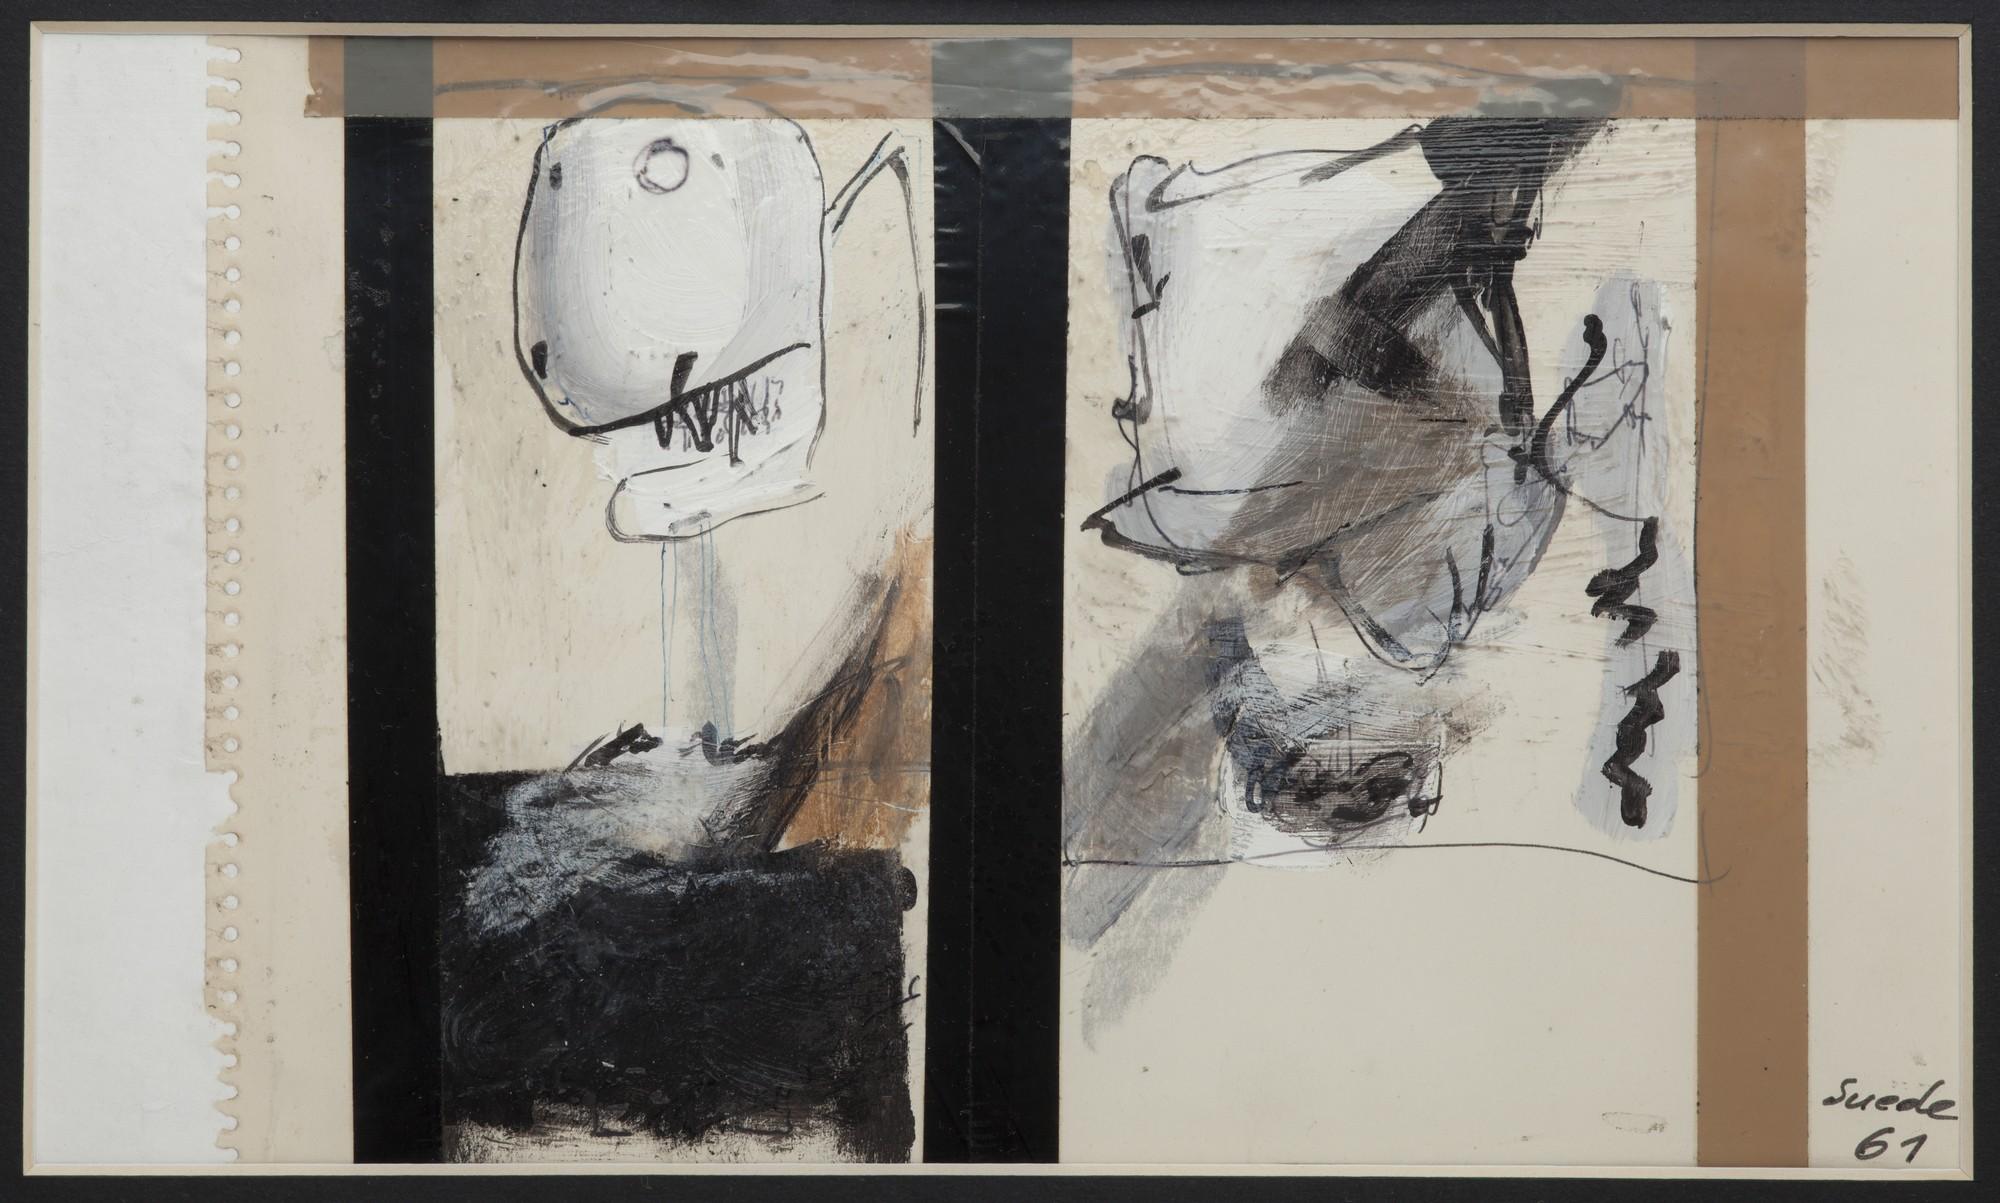 """Tadeusz Kantor, """"Suede 61"""". Zdjęcie udostępnione dzięki uprzejmości Muzeum Narodowego w Krakowie, kolekcja prywatna (źródło: materiały prasowe)"""